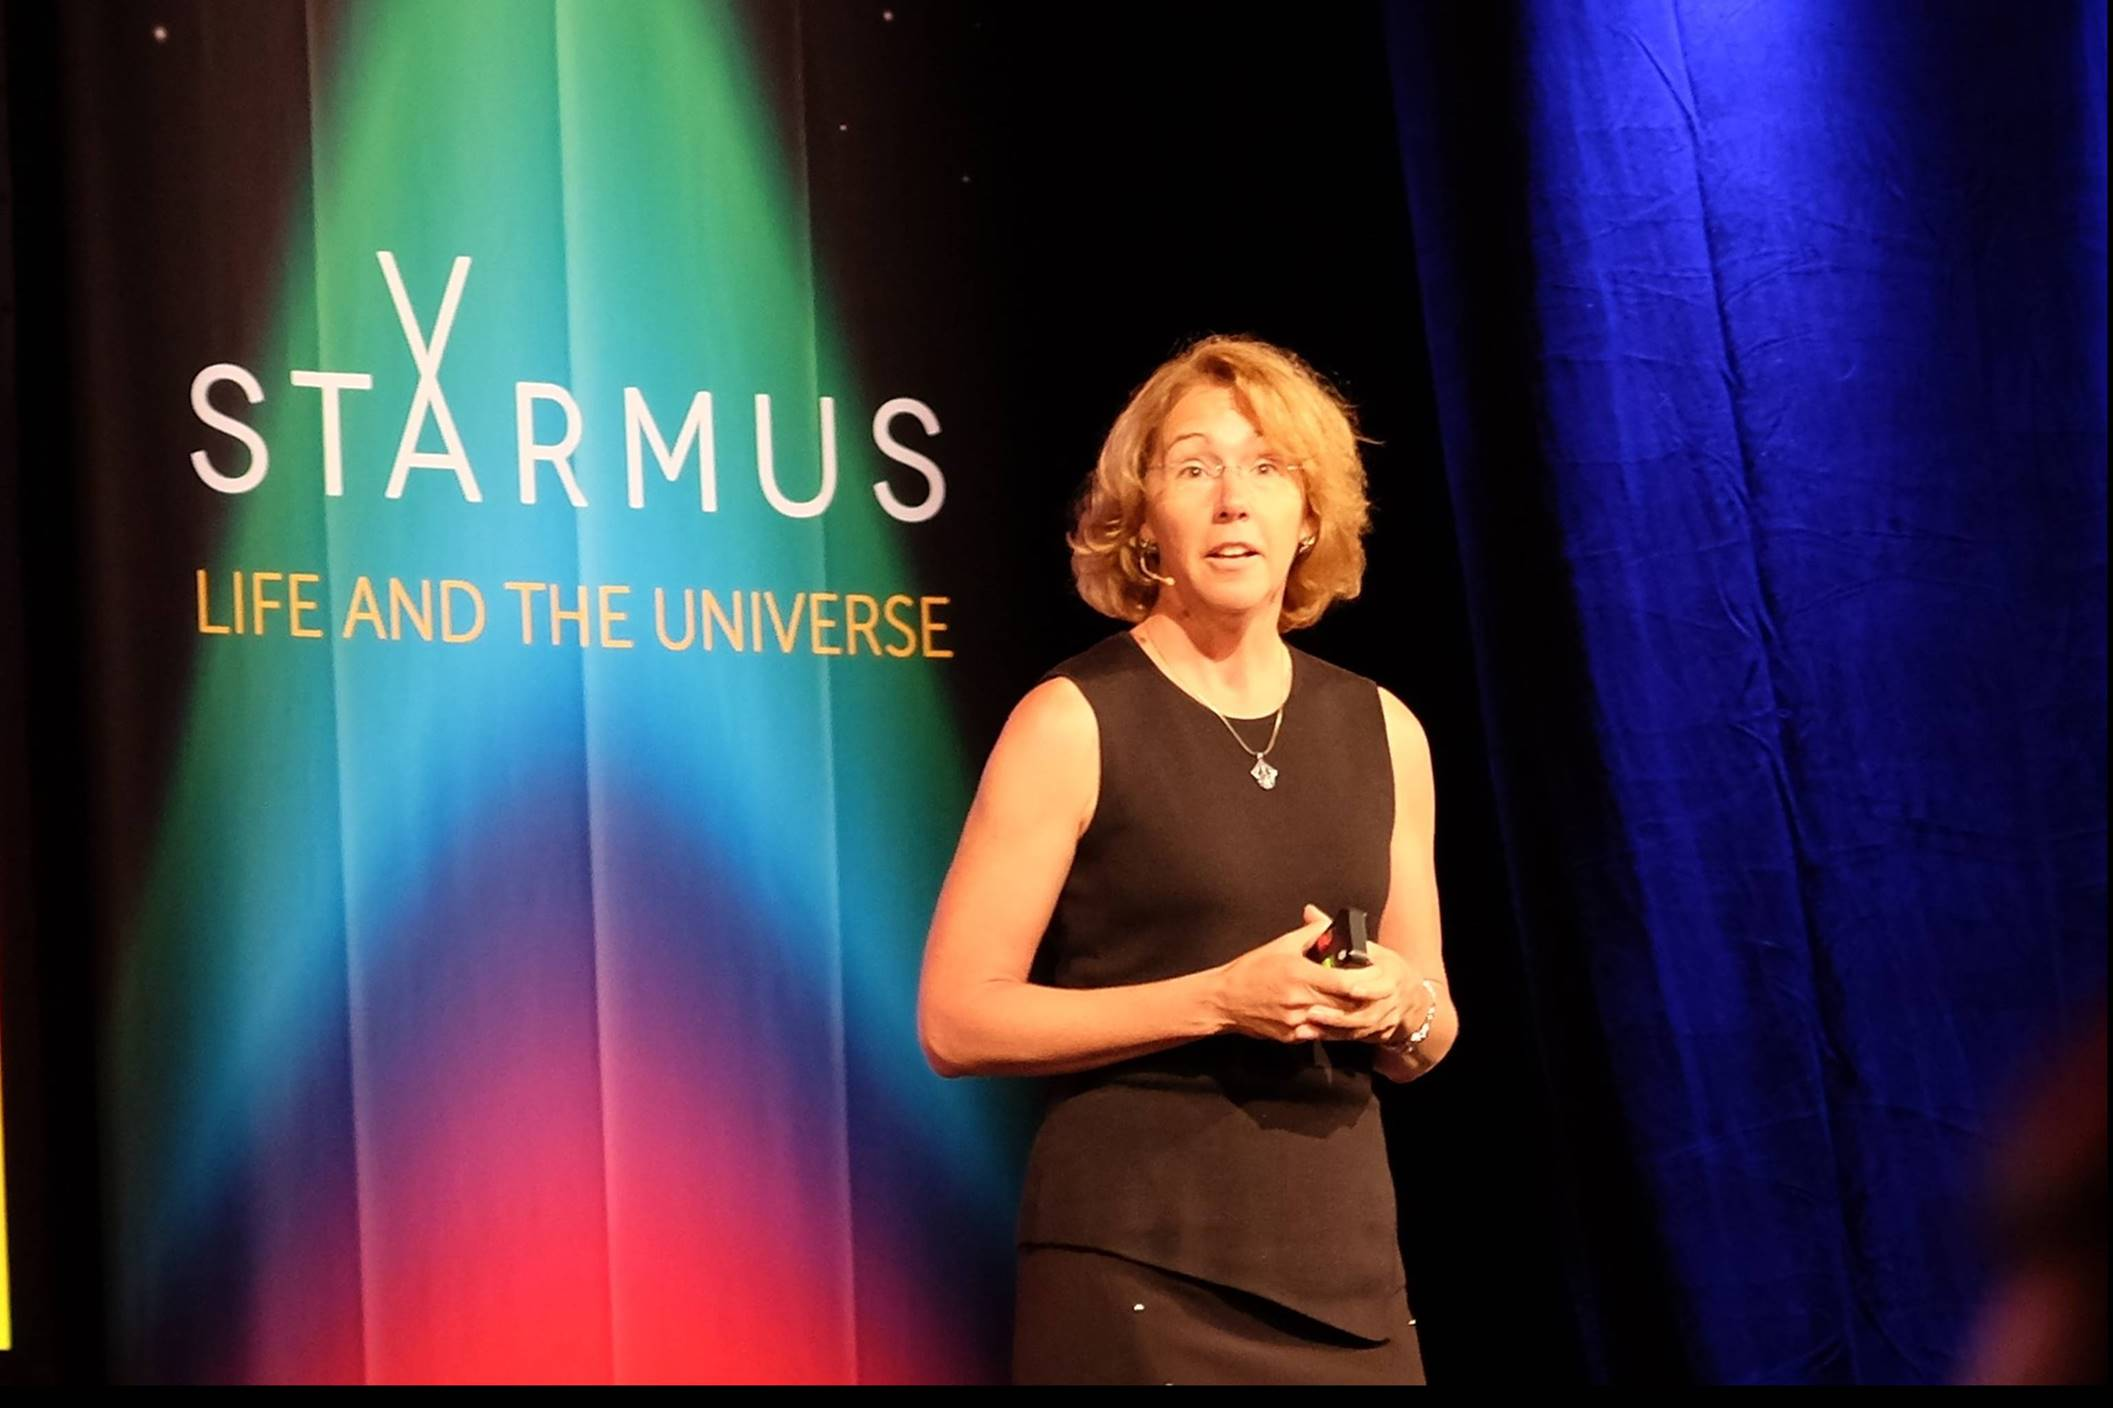 Vetenskapsfestivalen Starmus är i full gång